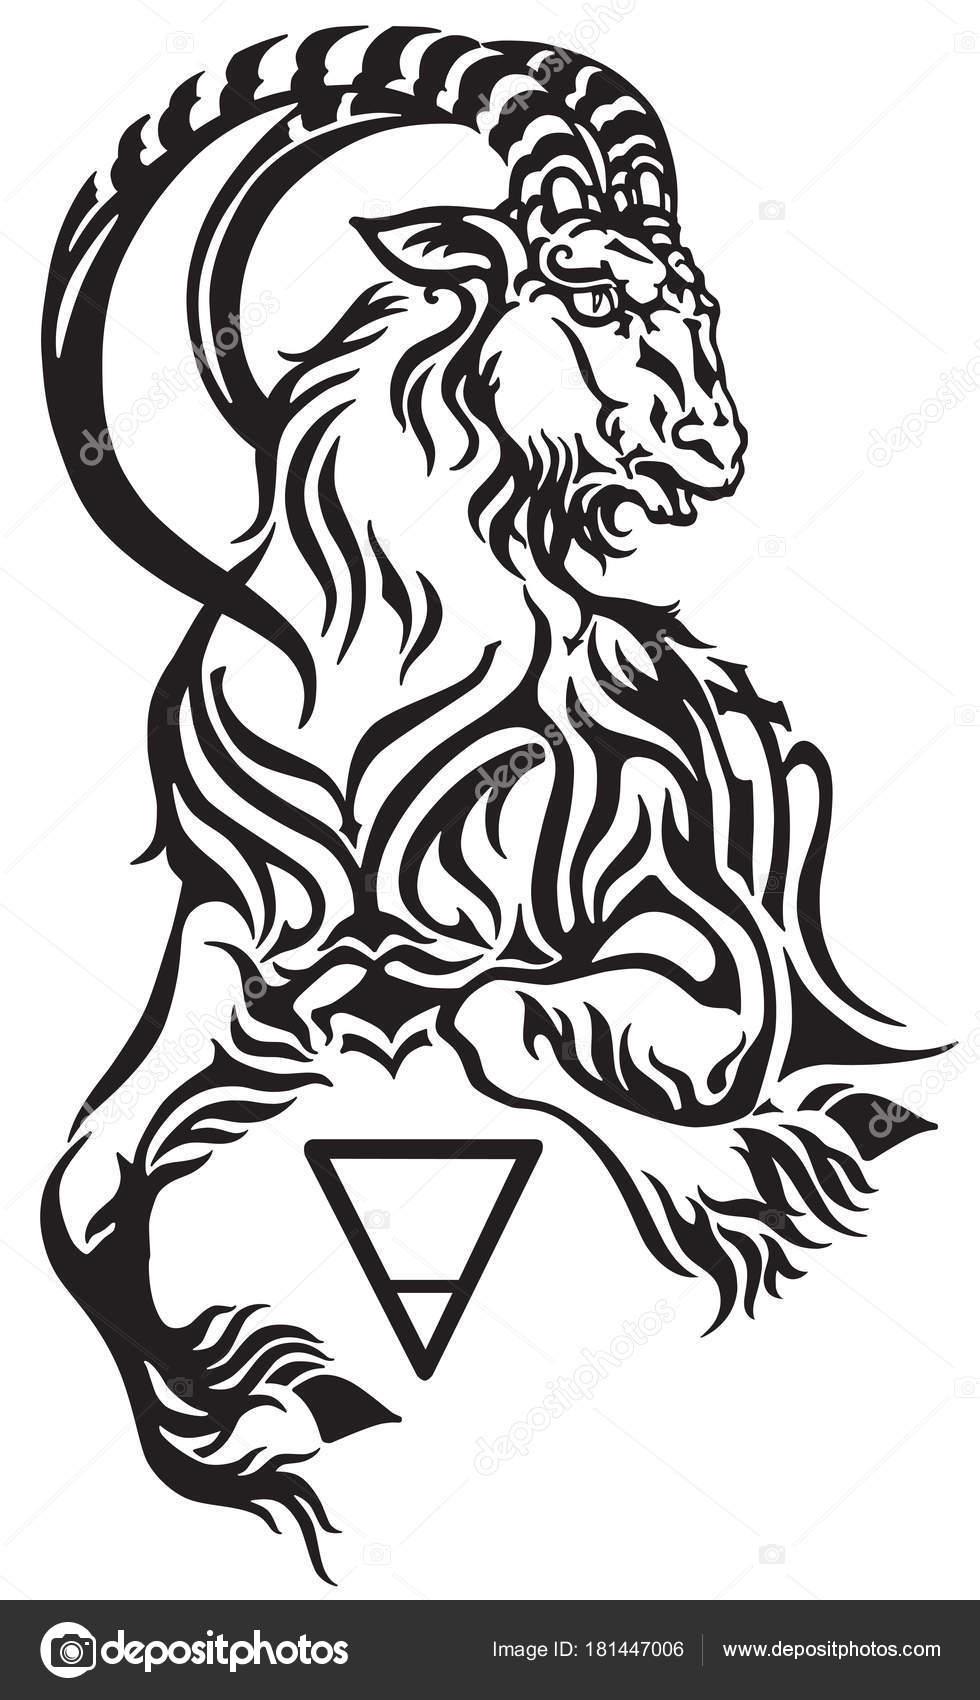 Fotos Tatuajes Zodiaco Signo Del Zodiaco Capricornio Criatura